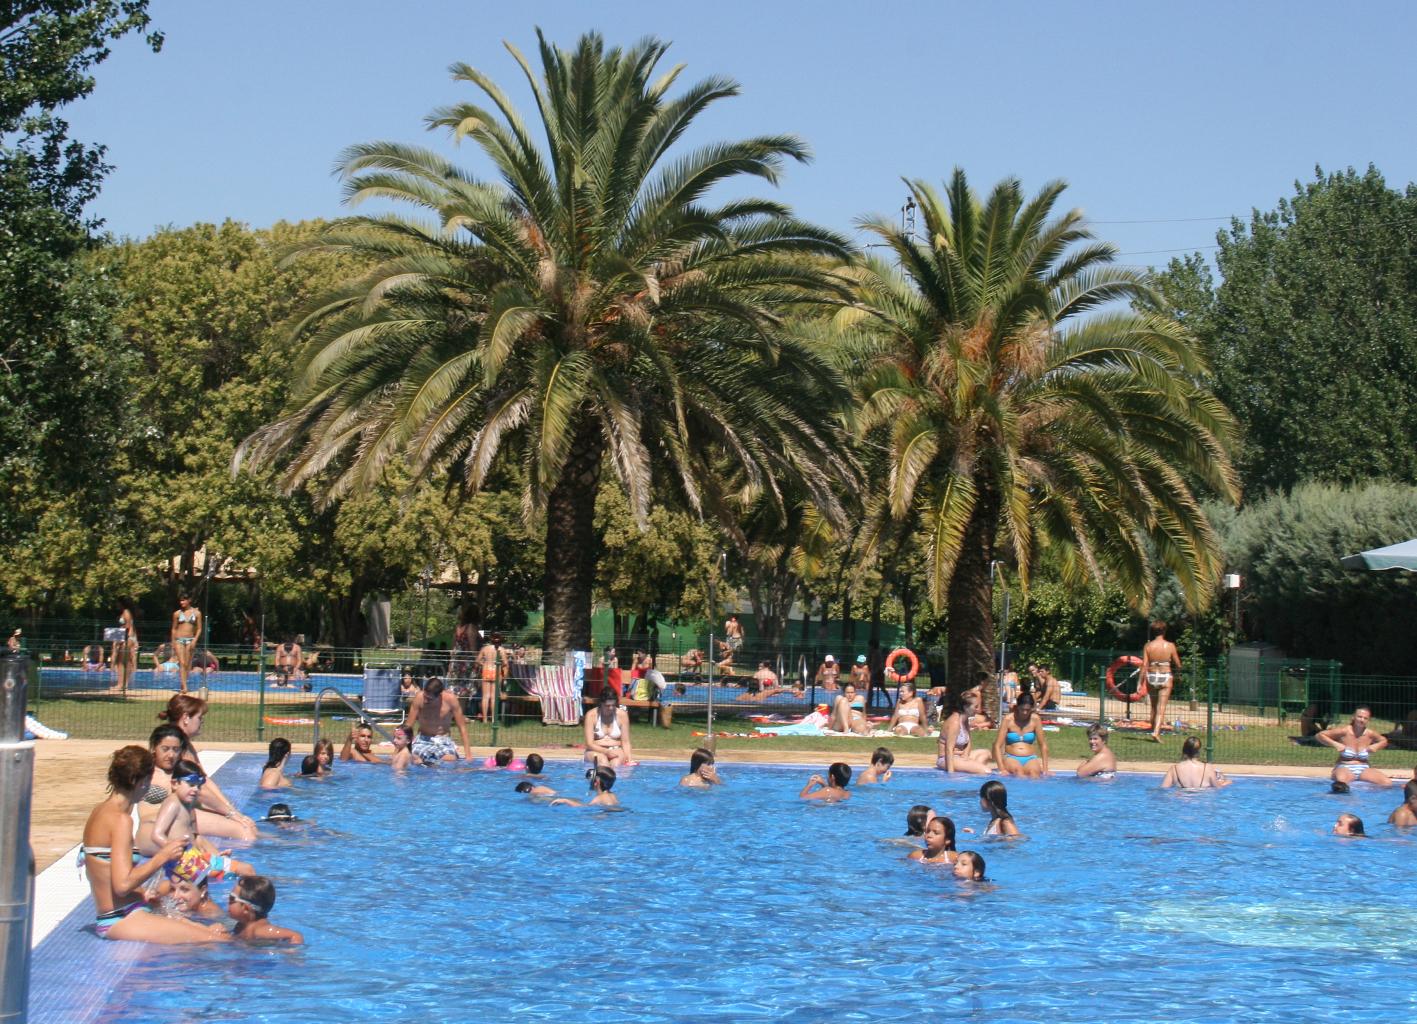 La venta de entradas a las piscinas municipales aumenta un for Piscina municipal barrio del pilar